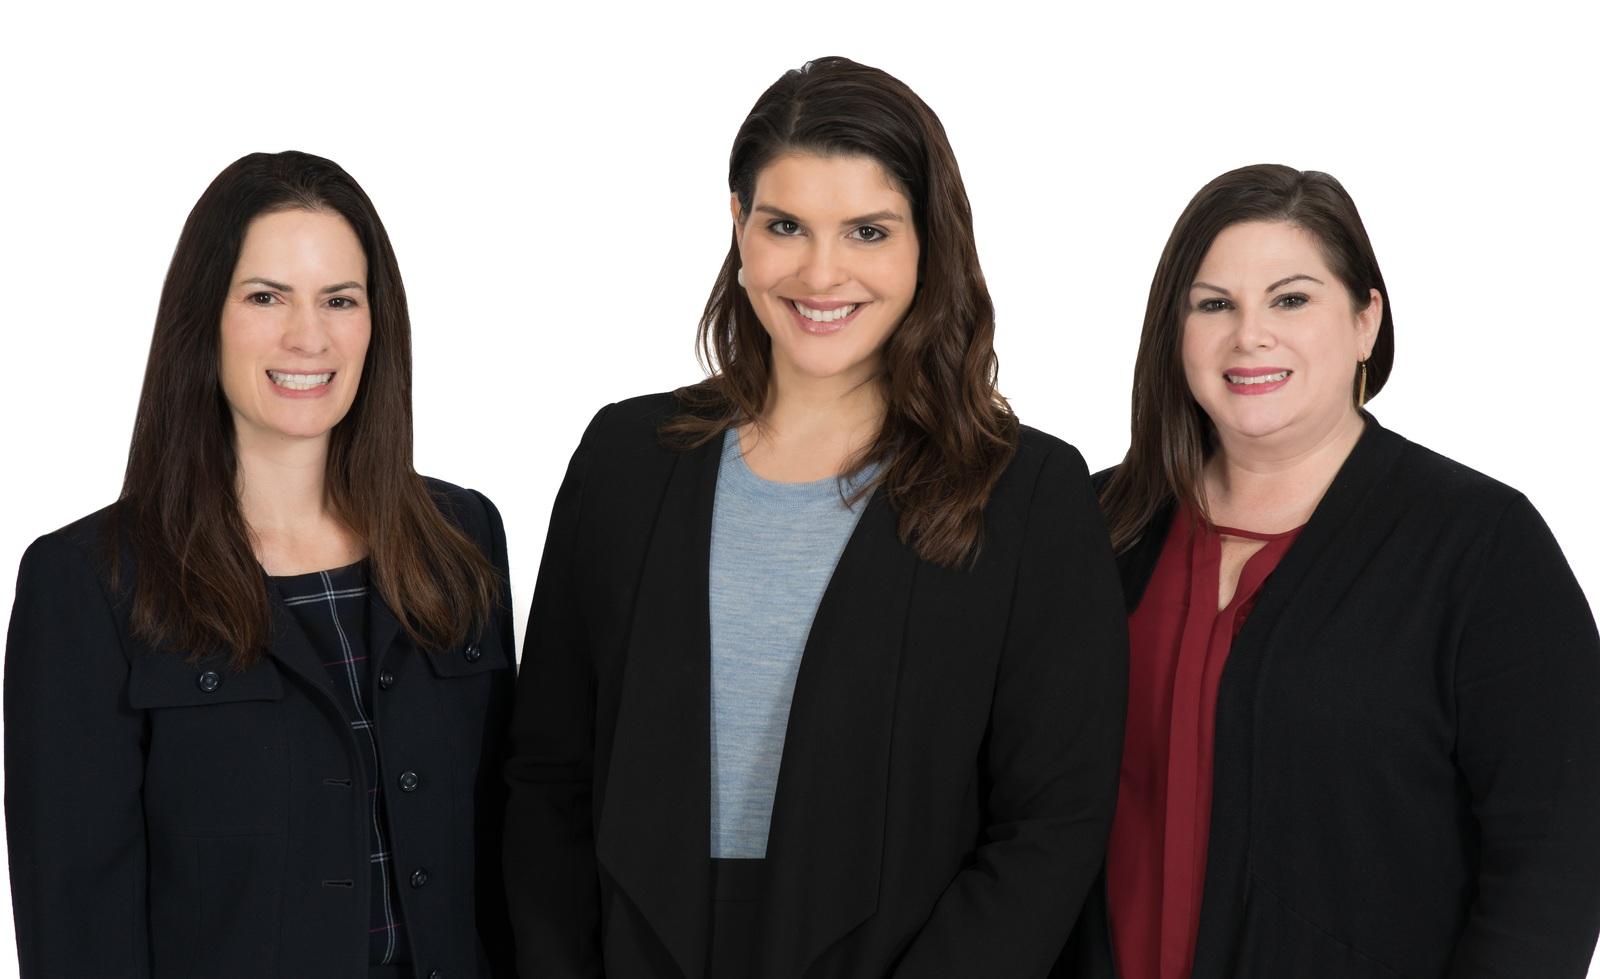 The Manne Lejeune Team | Baton Rouge, LA | Morgan Stanley